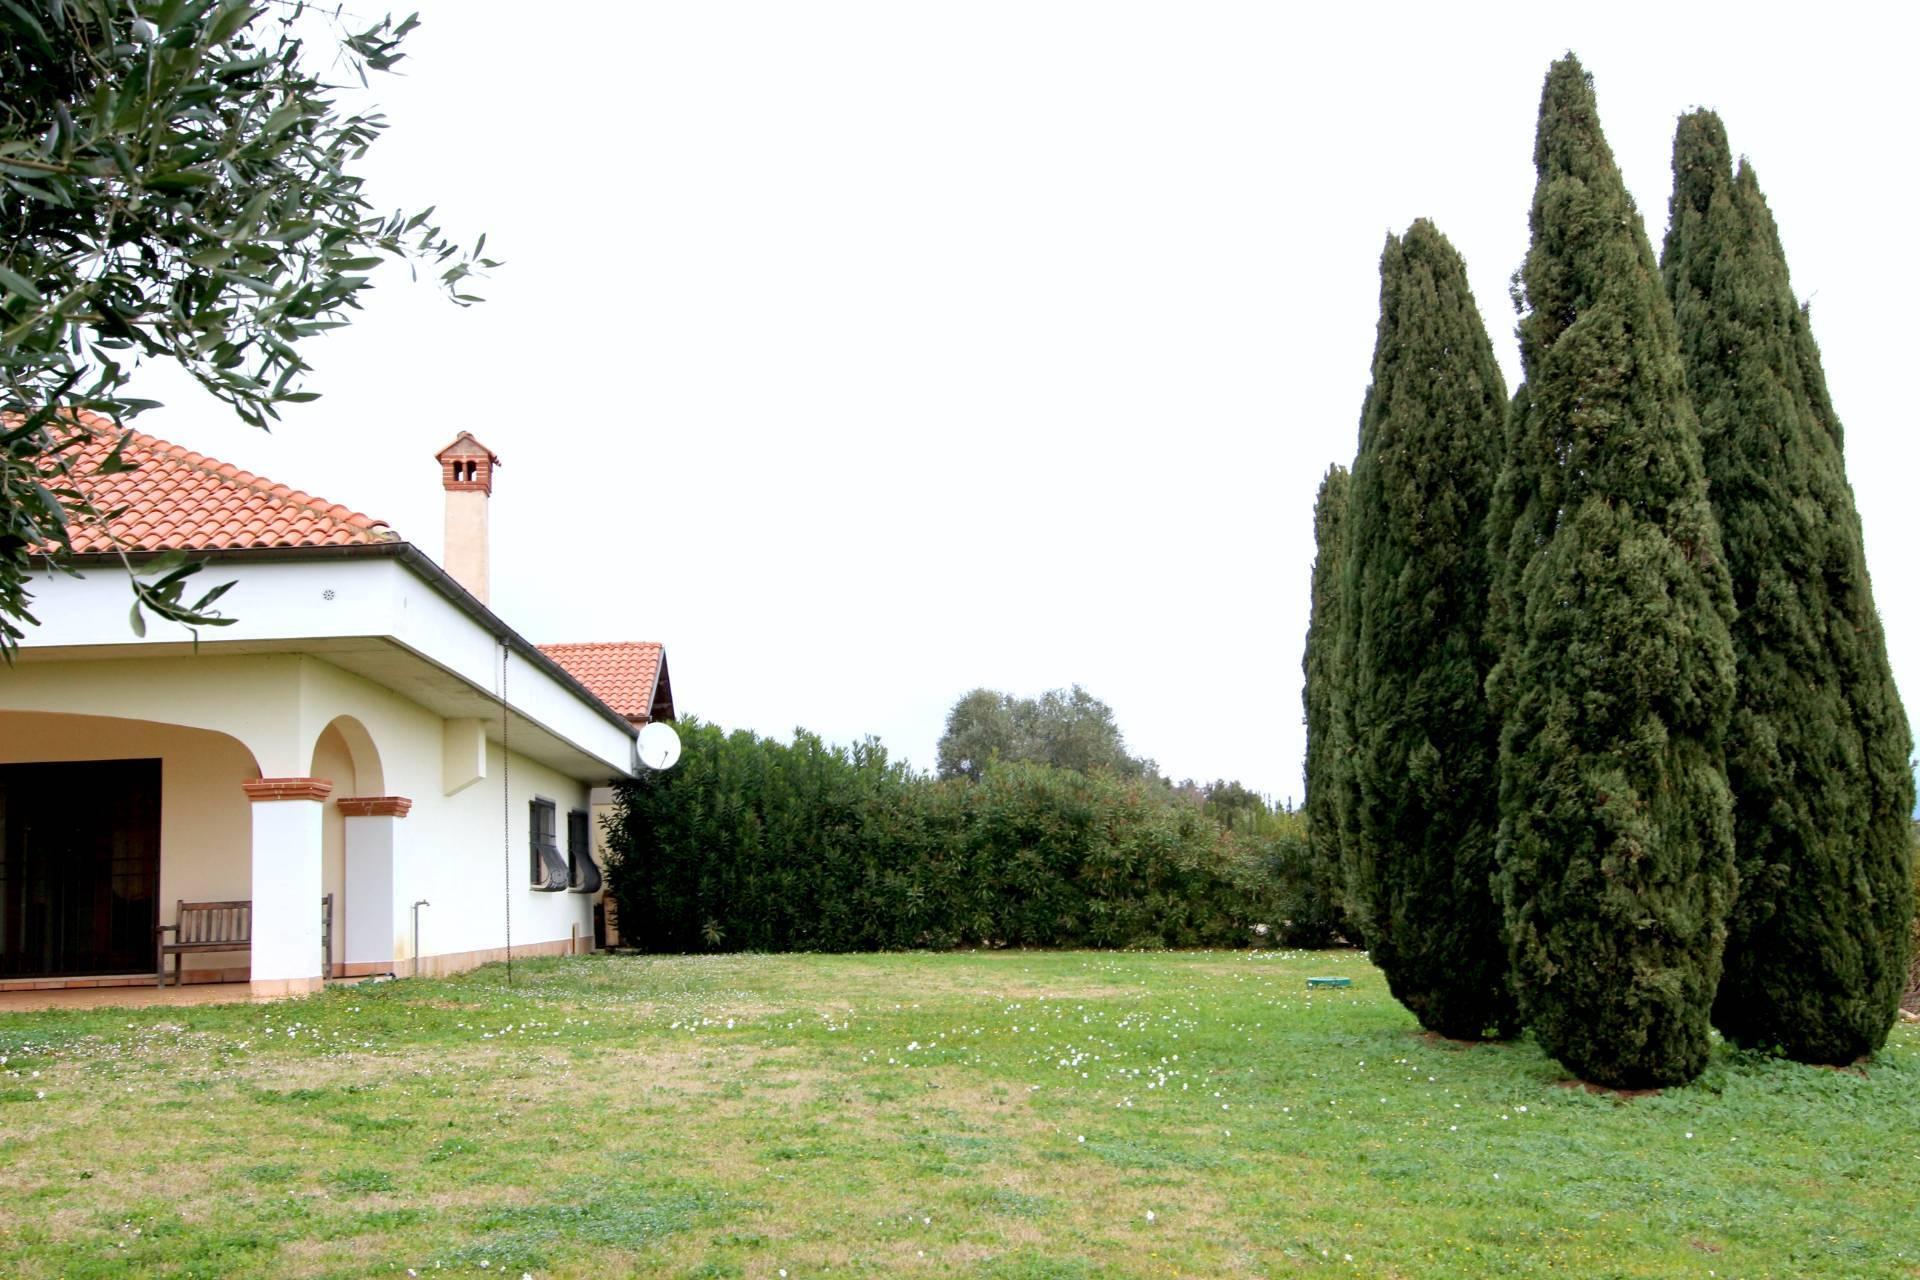 Bauernhaus inmitten von Grün - 23